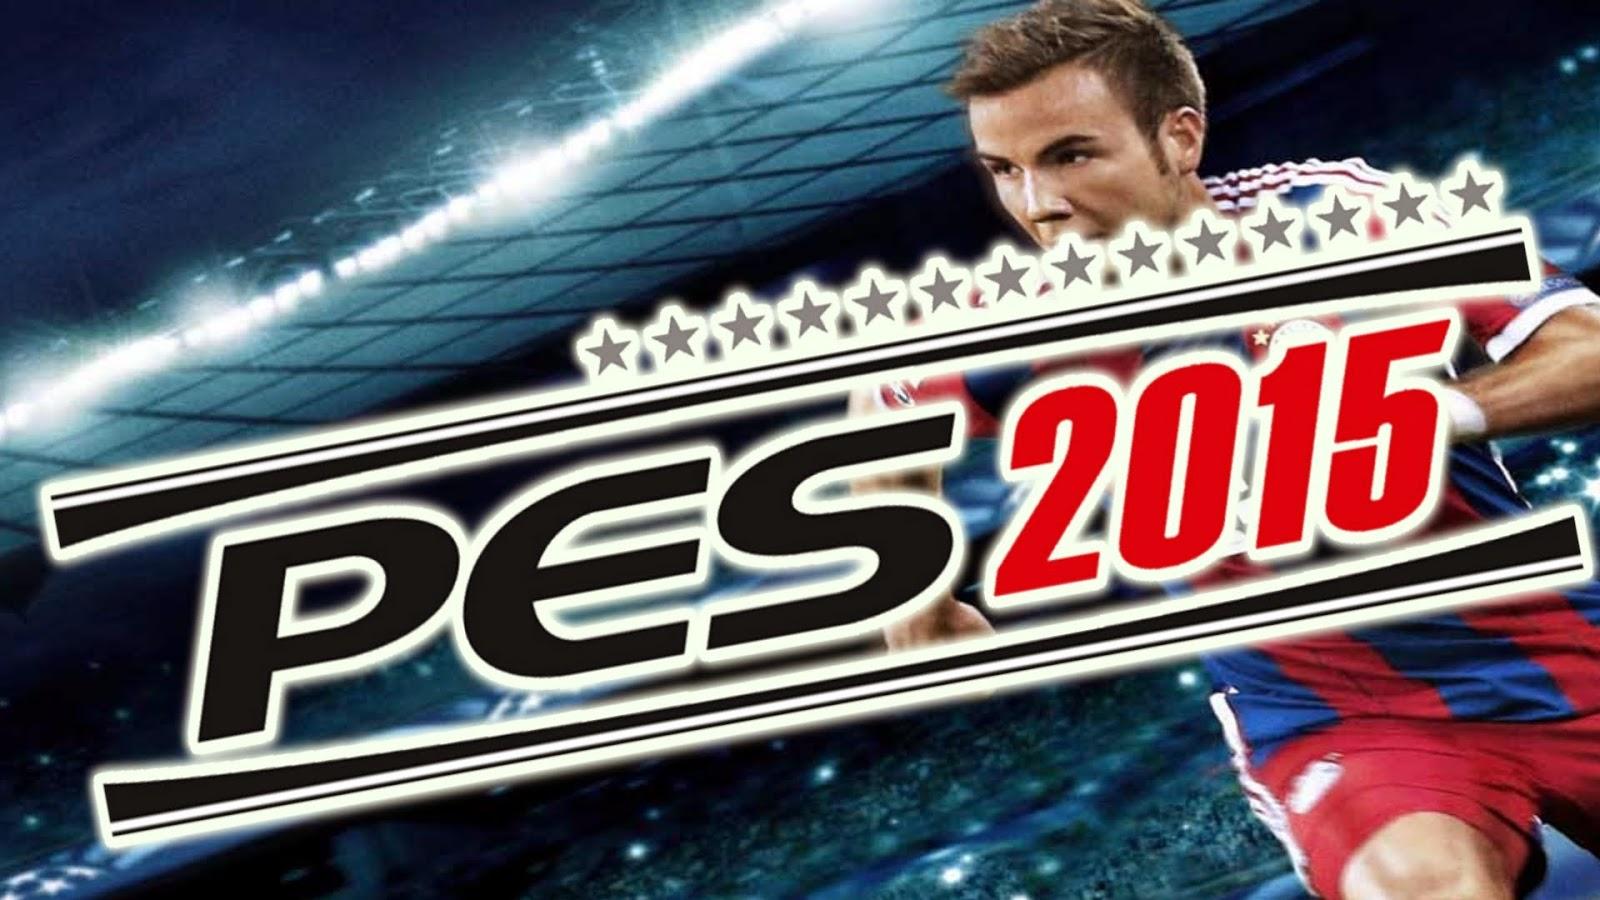 Keygen Assassin's Creed 4 PC